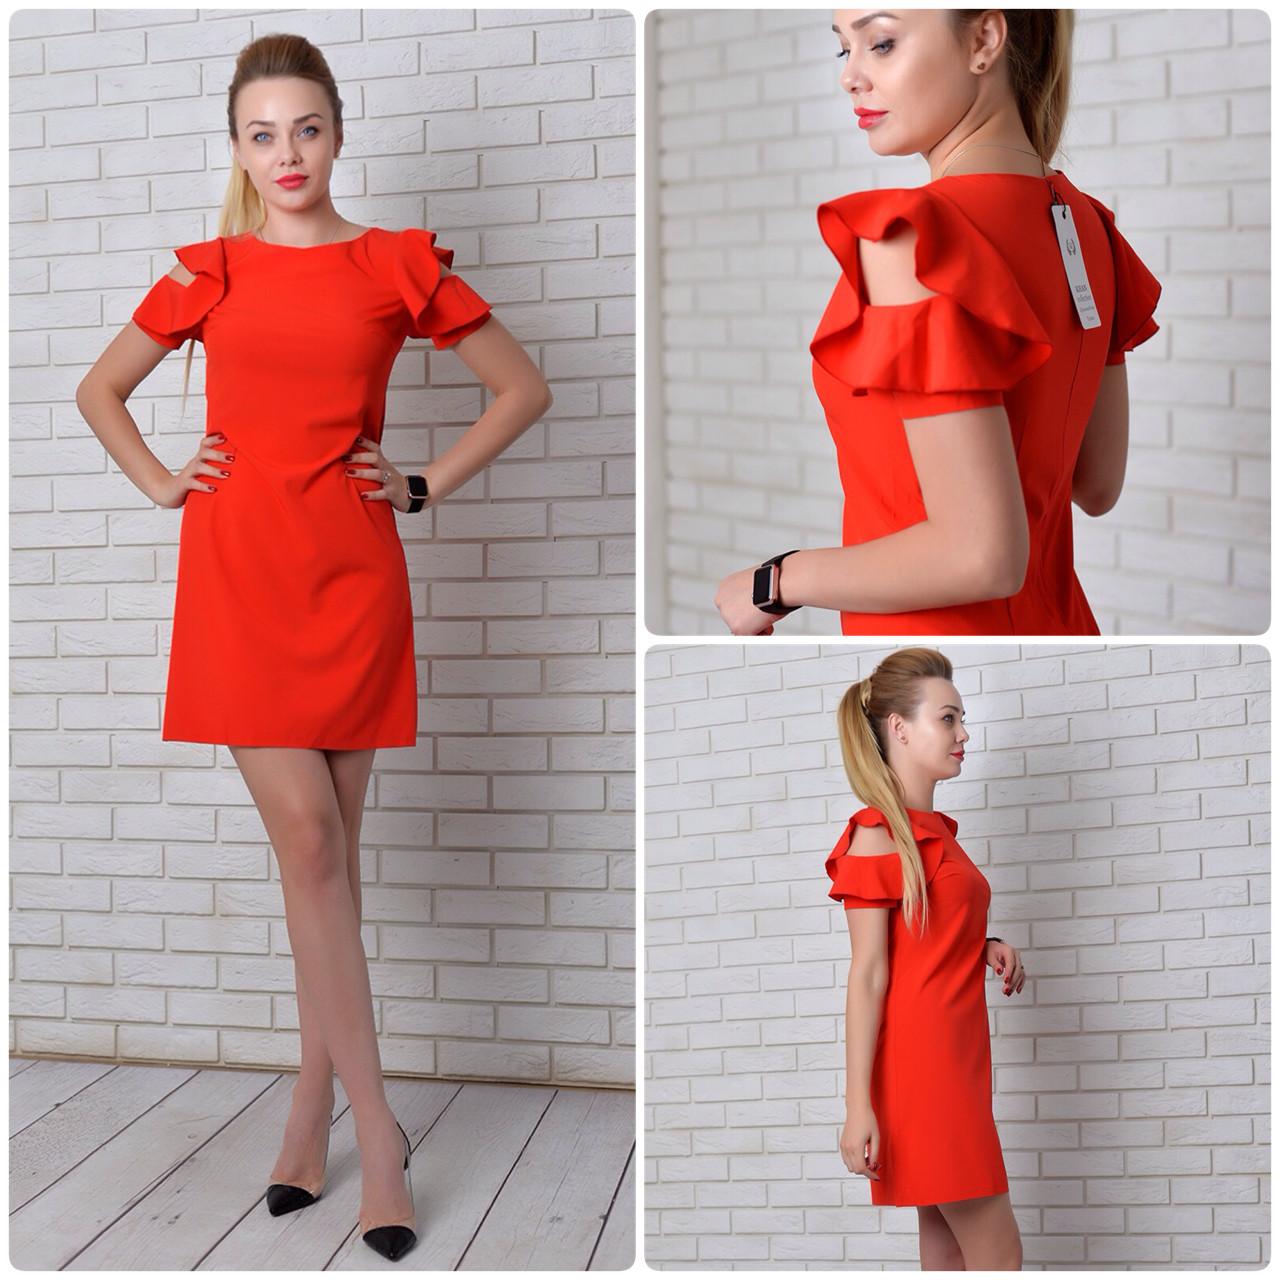 Сукня, модель 783, колір - червоний